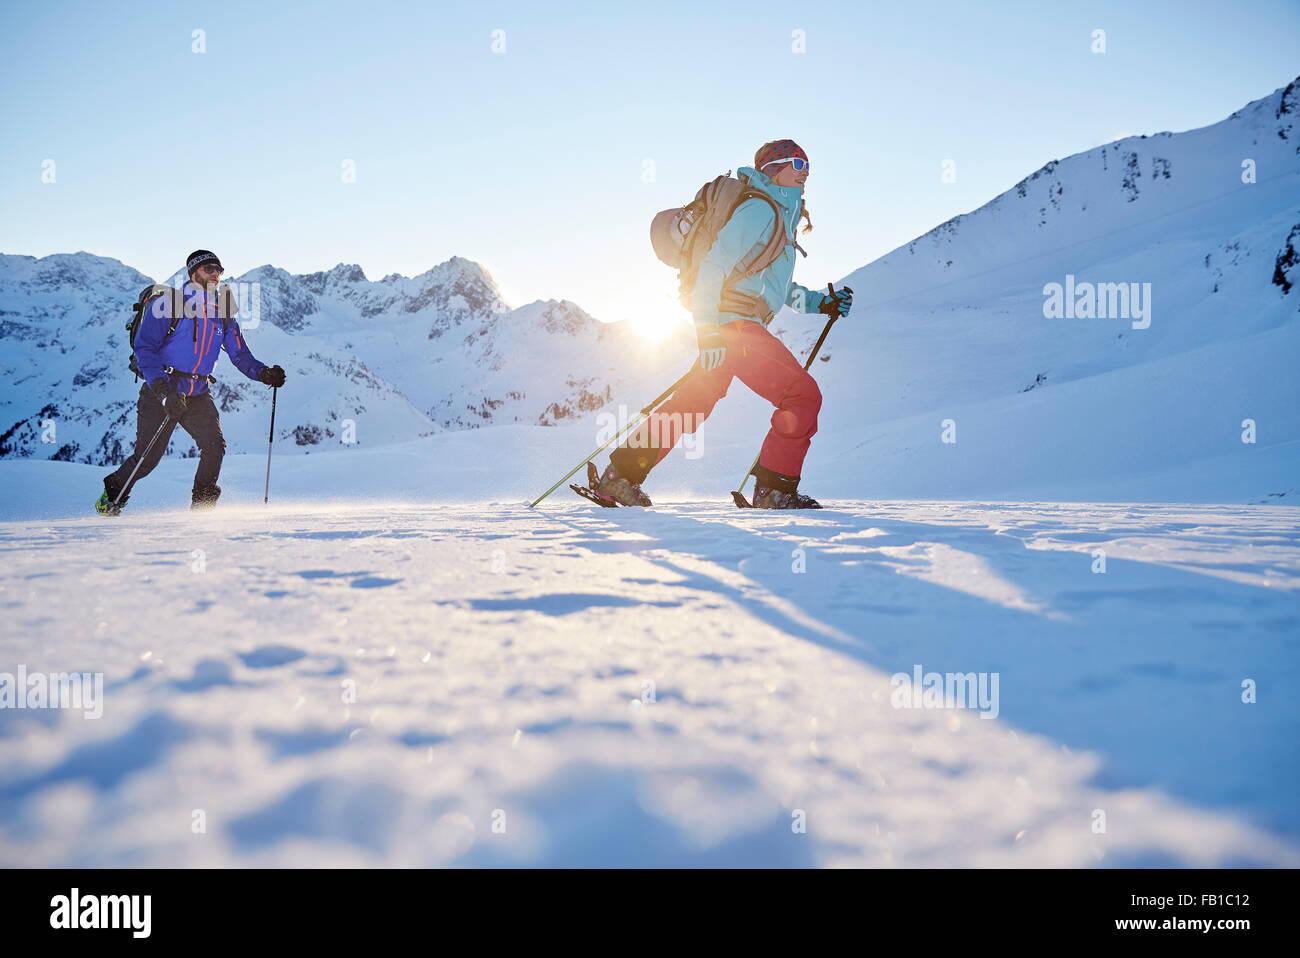 Two ski tourers during ascent, Kühtai, Tyrol, Austria - Stock Image